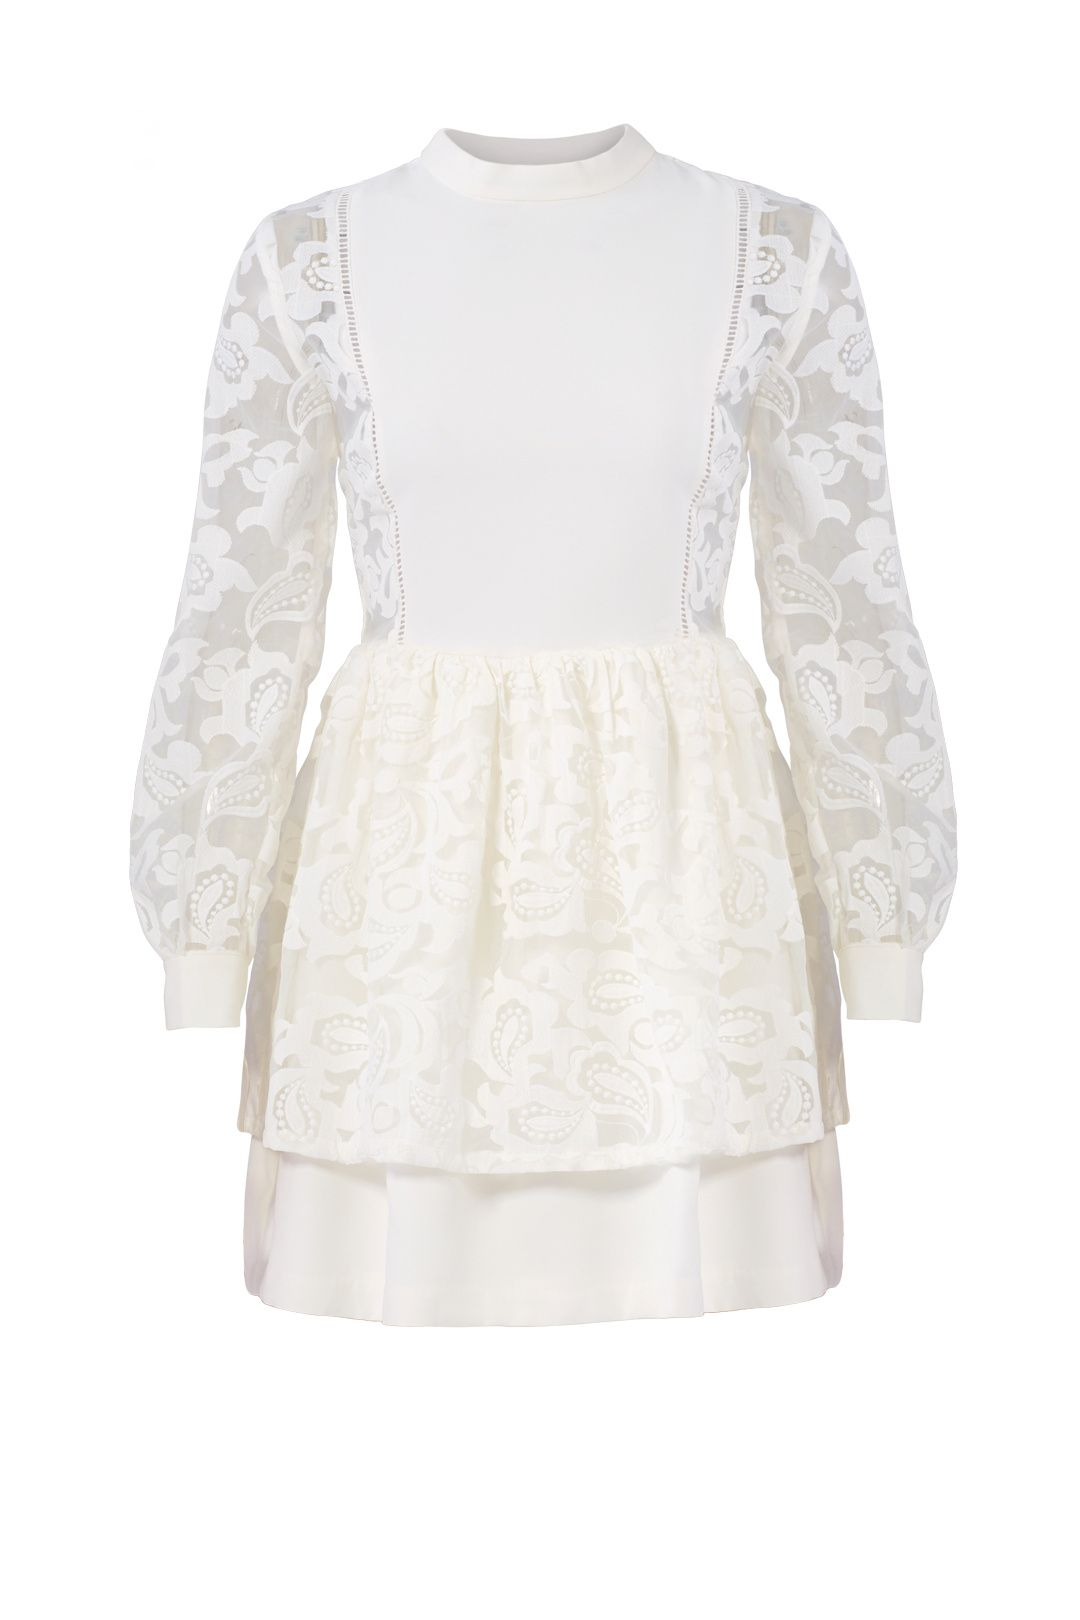 English Factory White Lace Layered Dress Layer Dress Lace Layers White Lace [ 1620 x 1080 Pixel ]